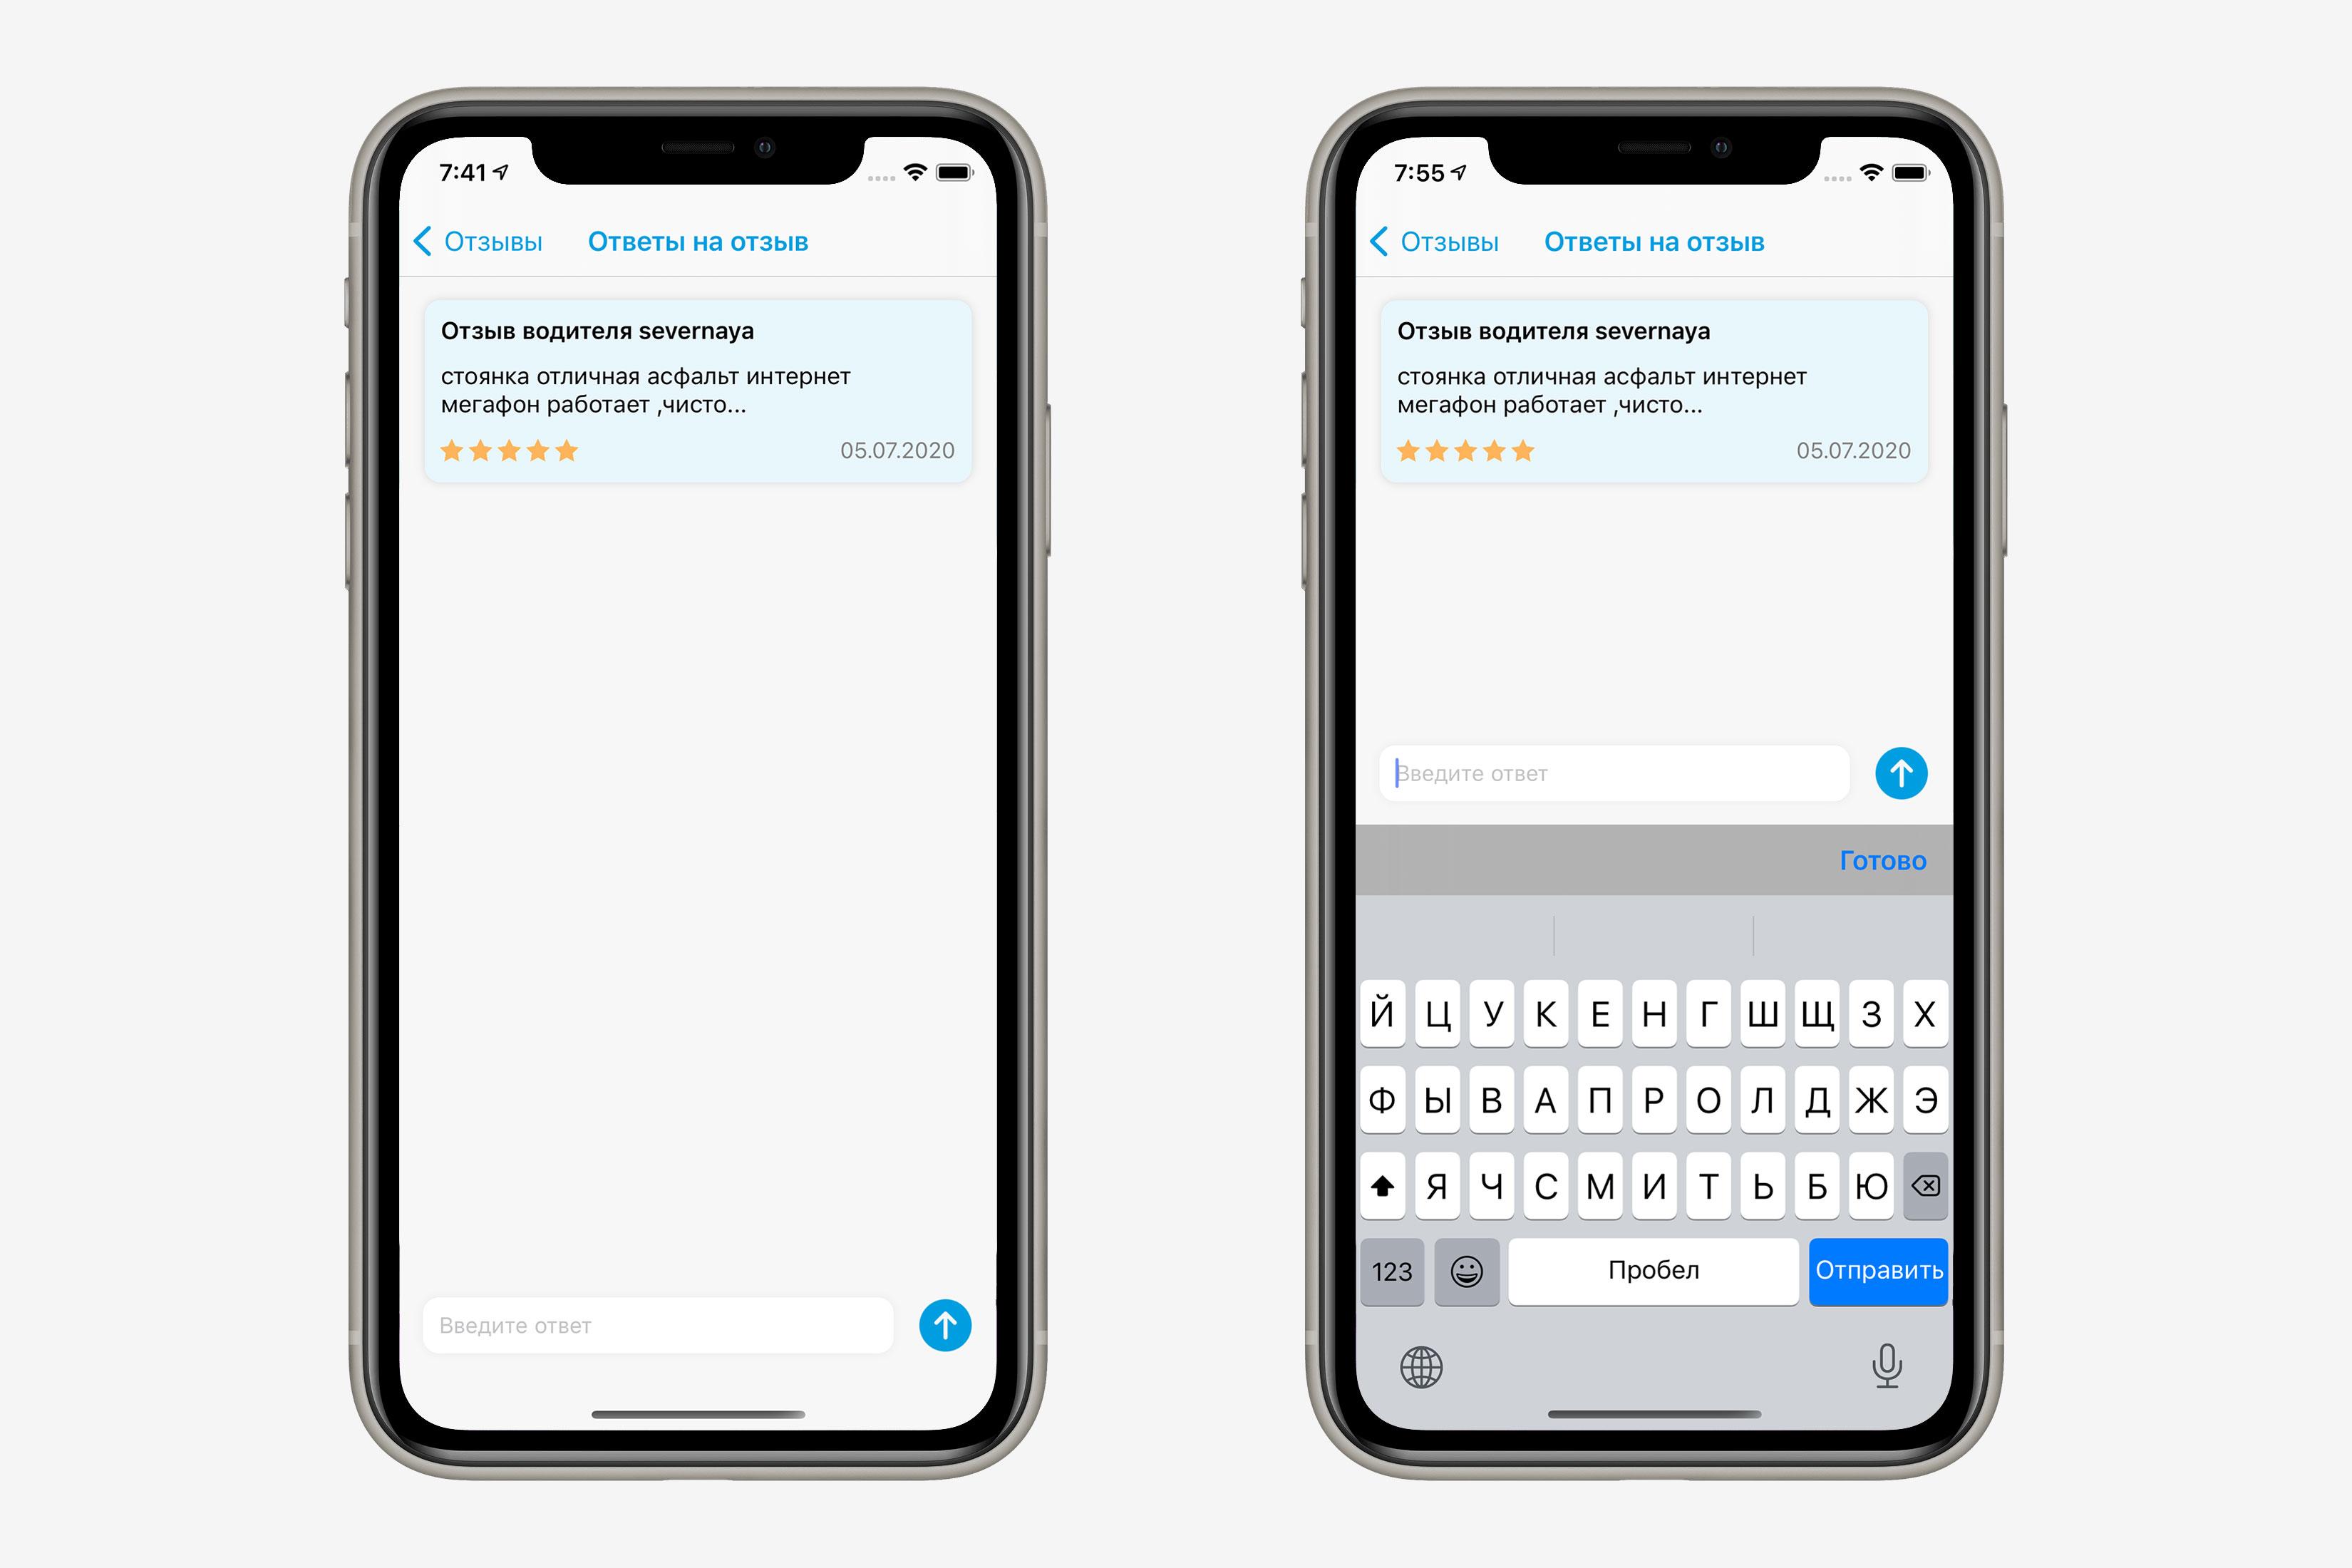 Поднятие контента при наборе текста в MTS для iOS